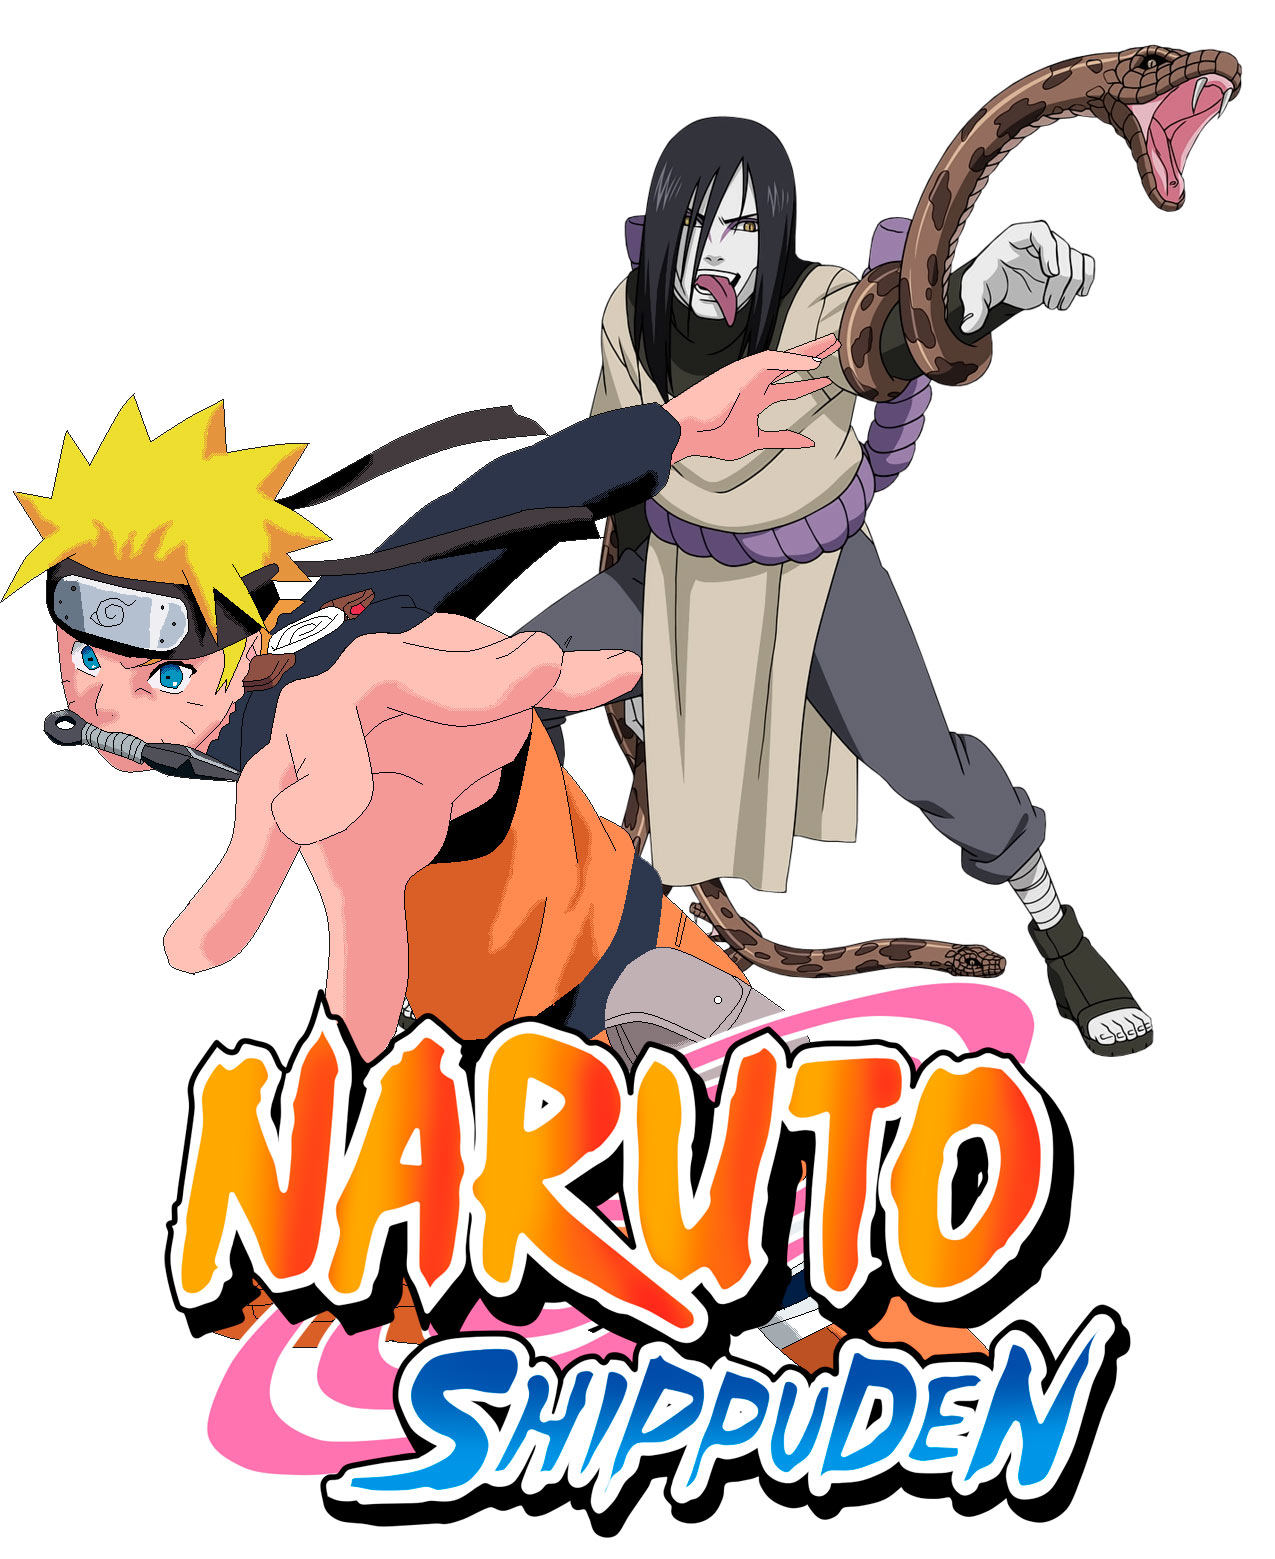 how to make naruto logo